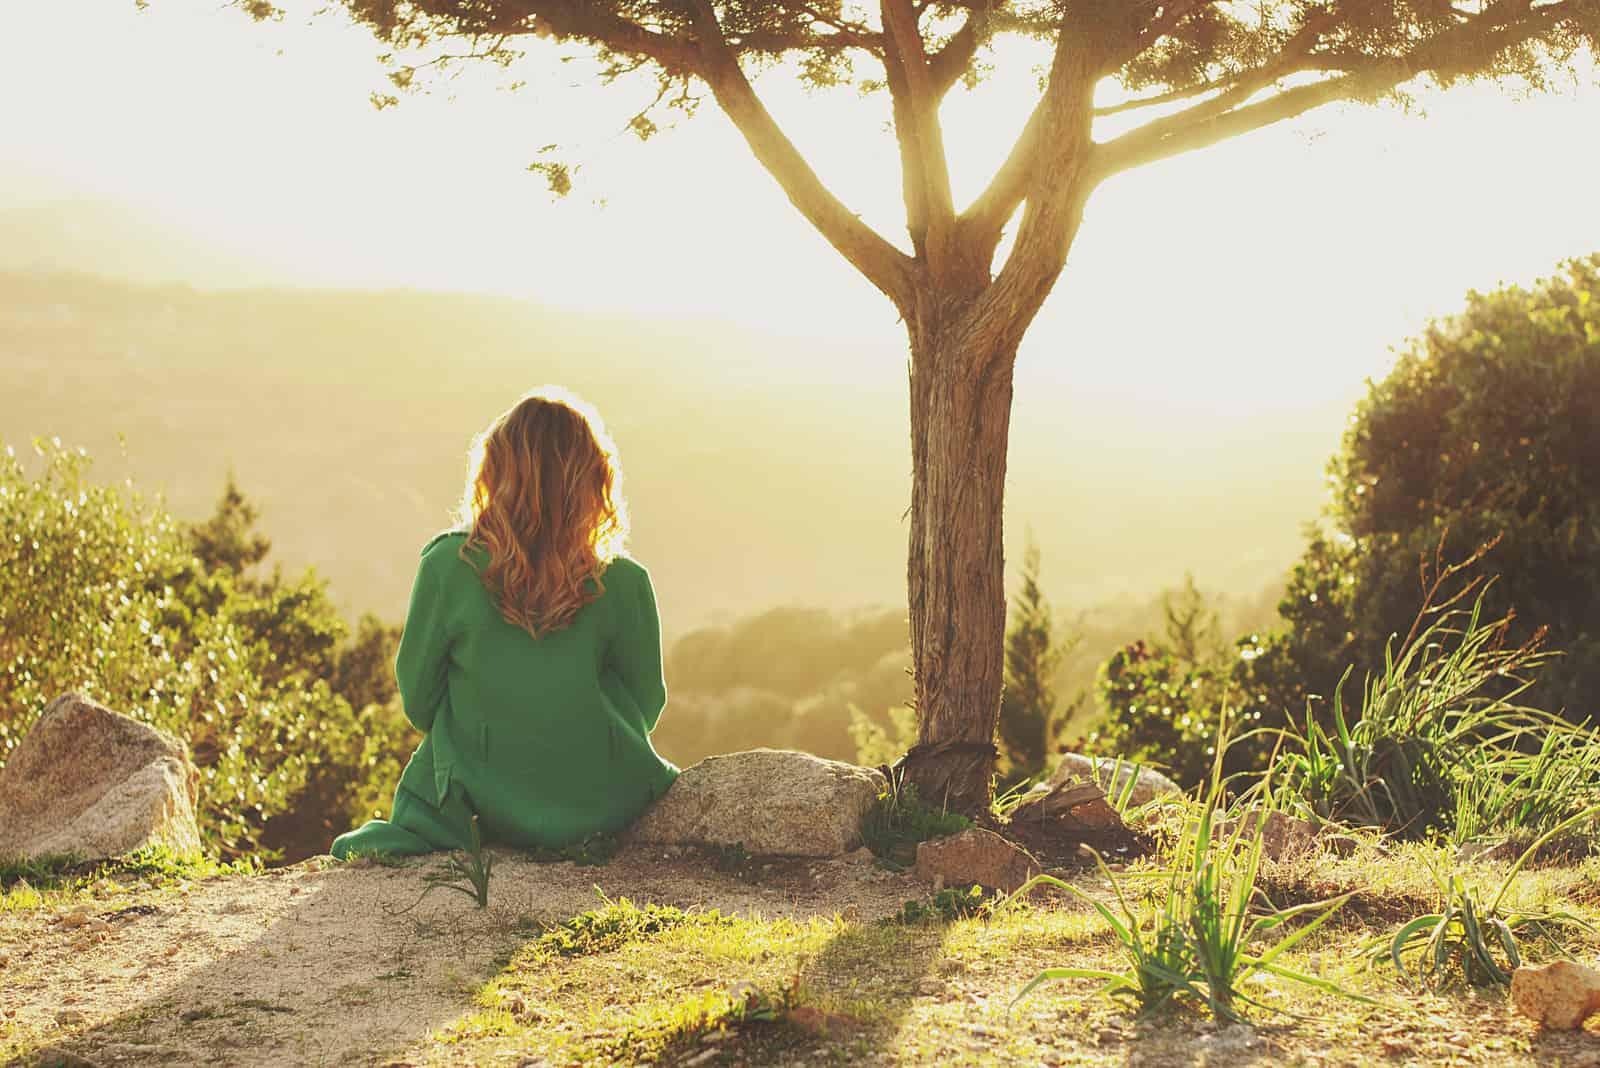 la femme est assise et regarde au loin